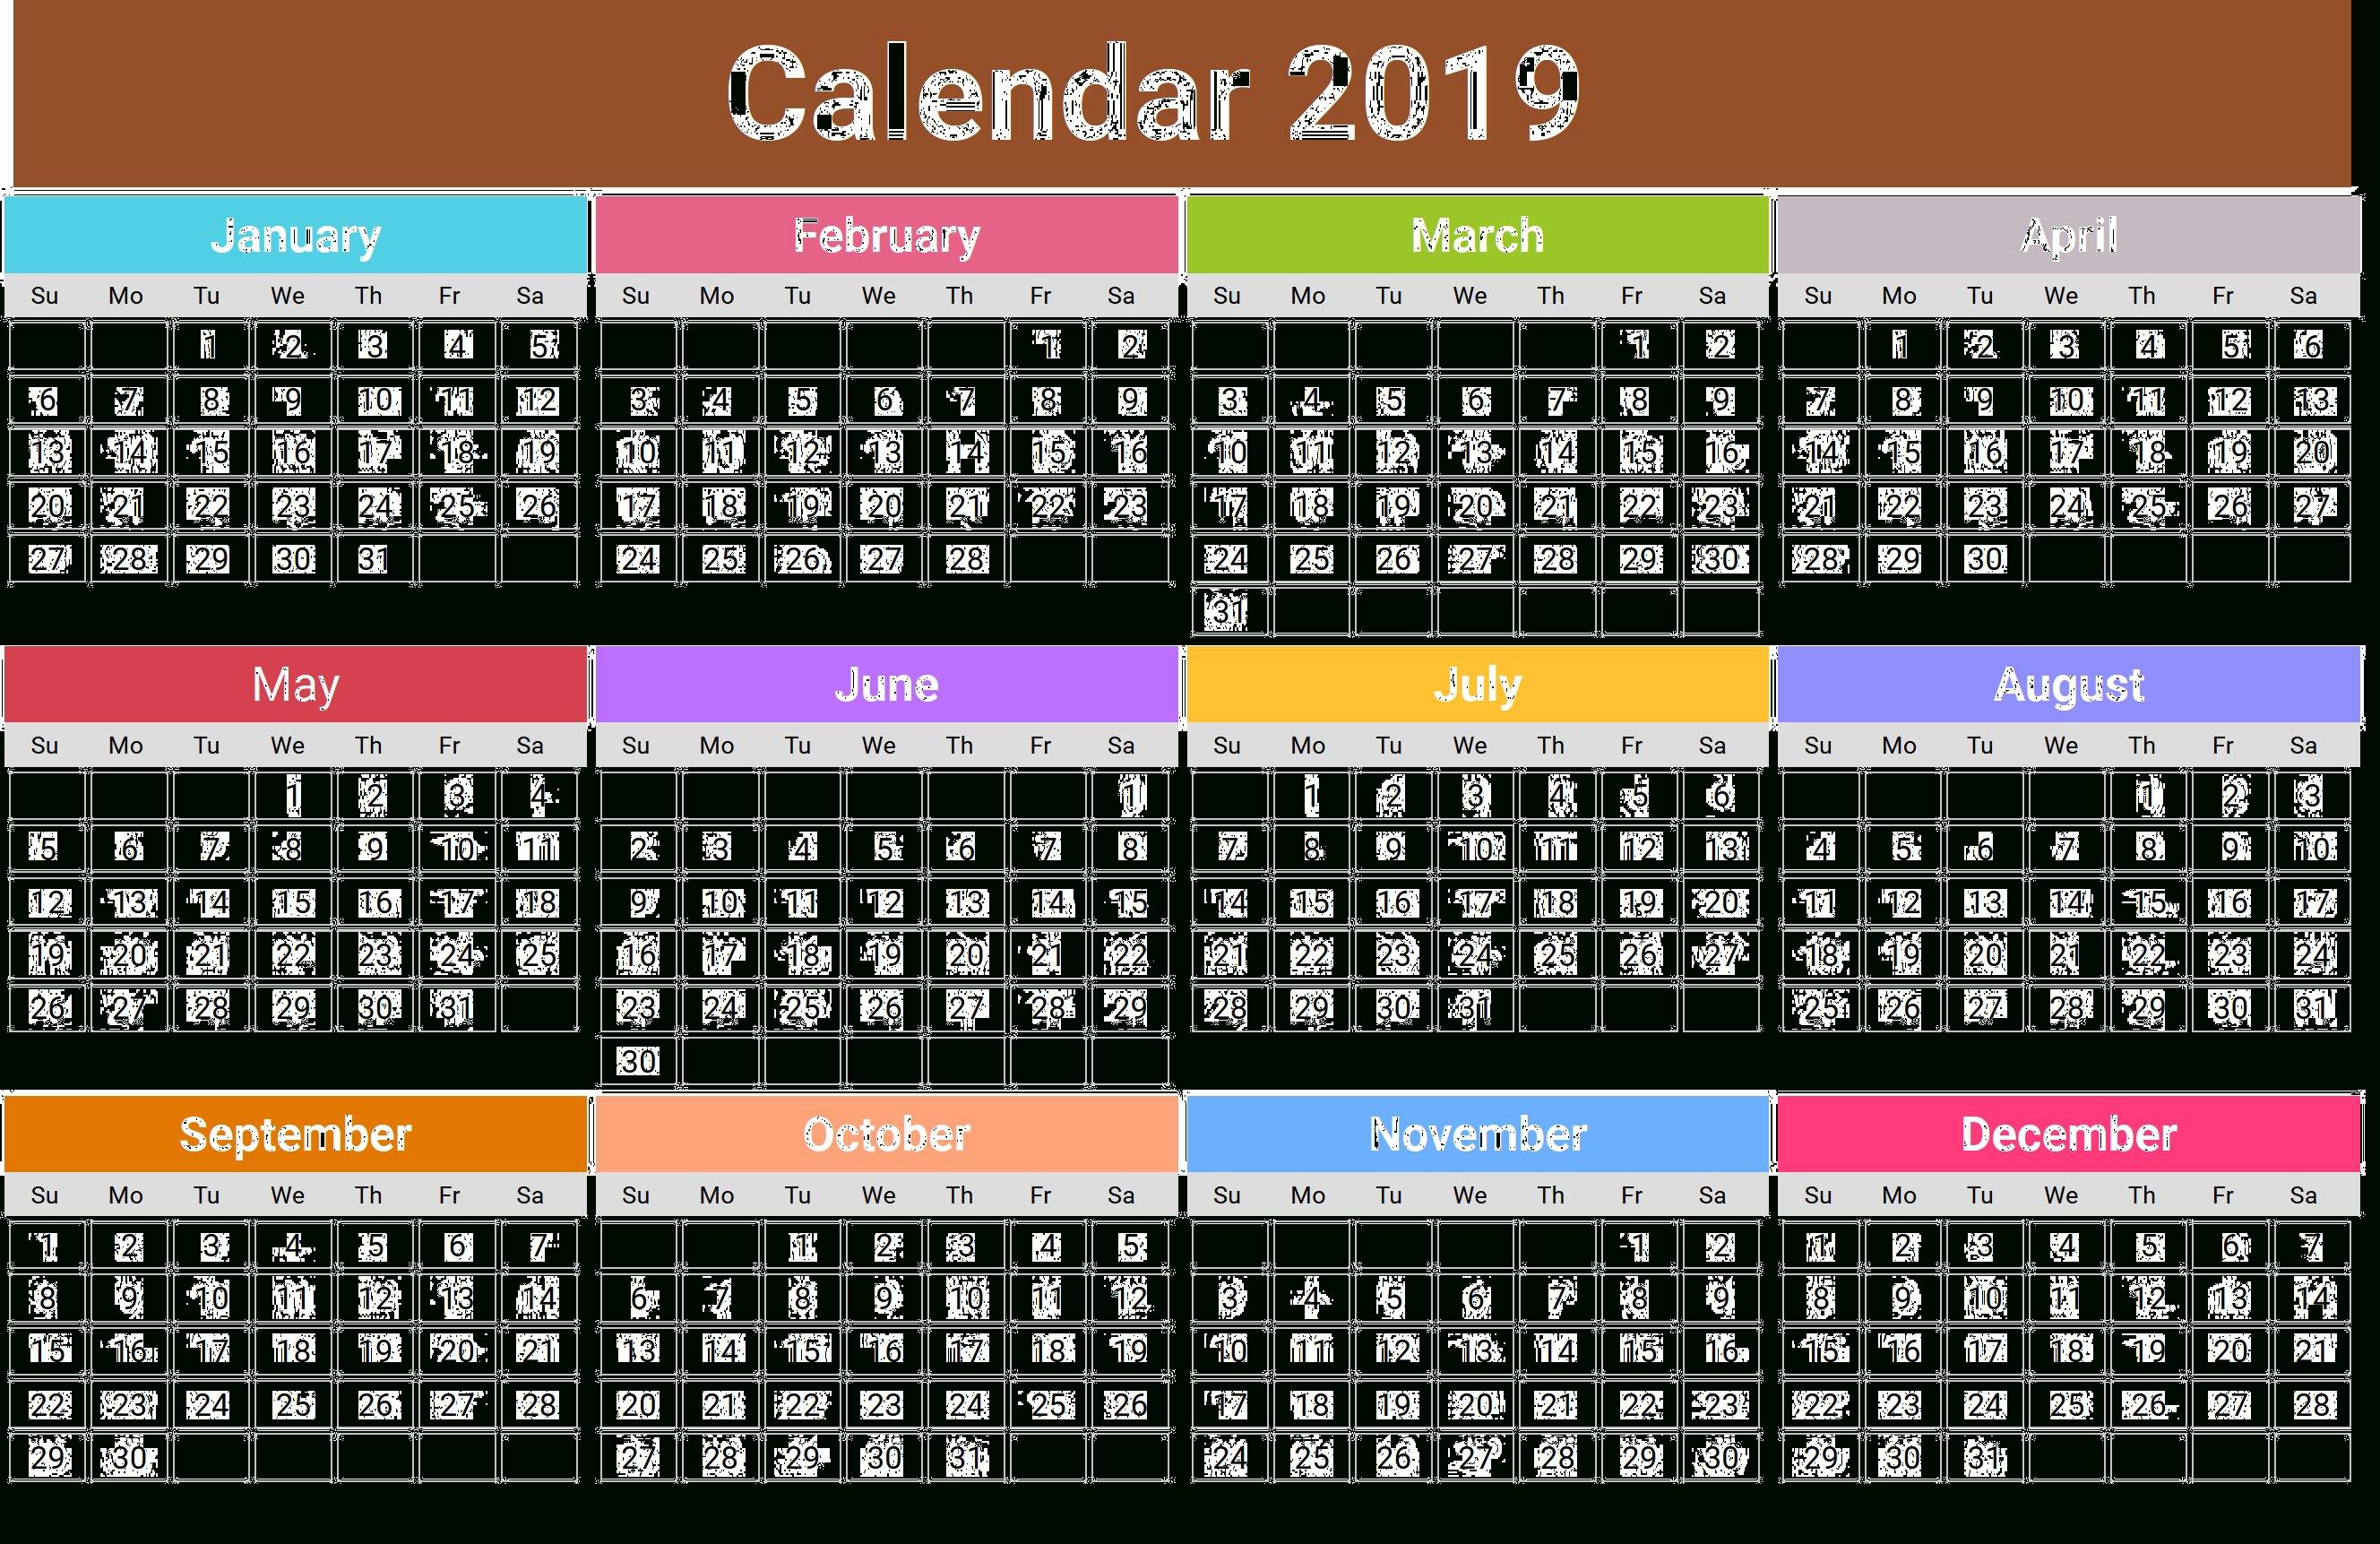 2019 Calendar Png Transparent Images | Png All Calendar 2019 Limba Romana